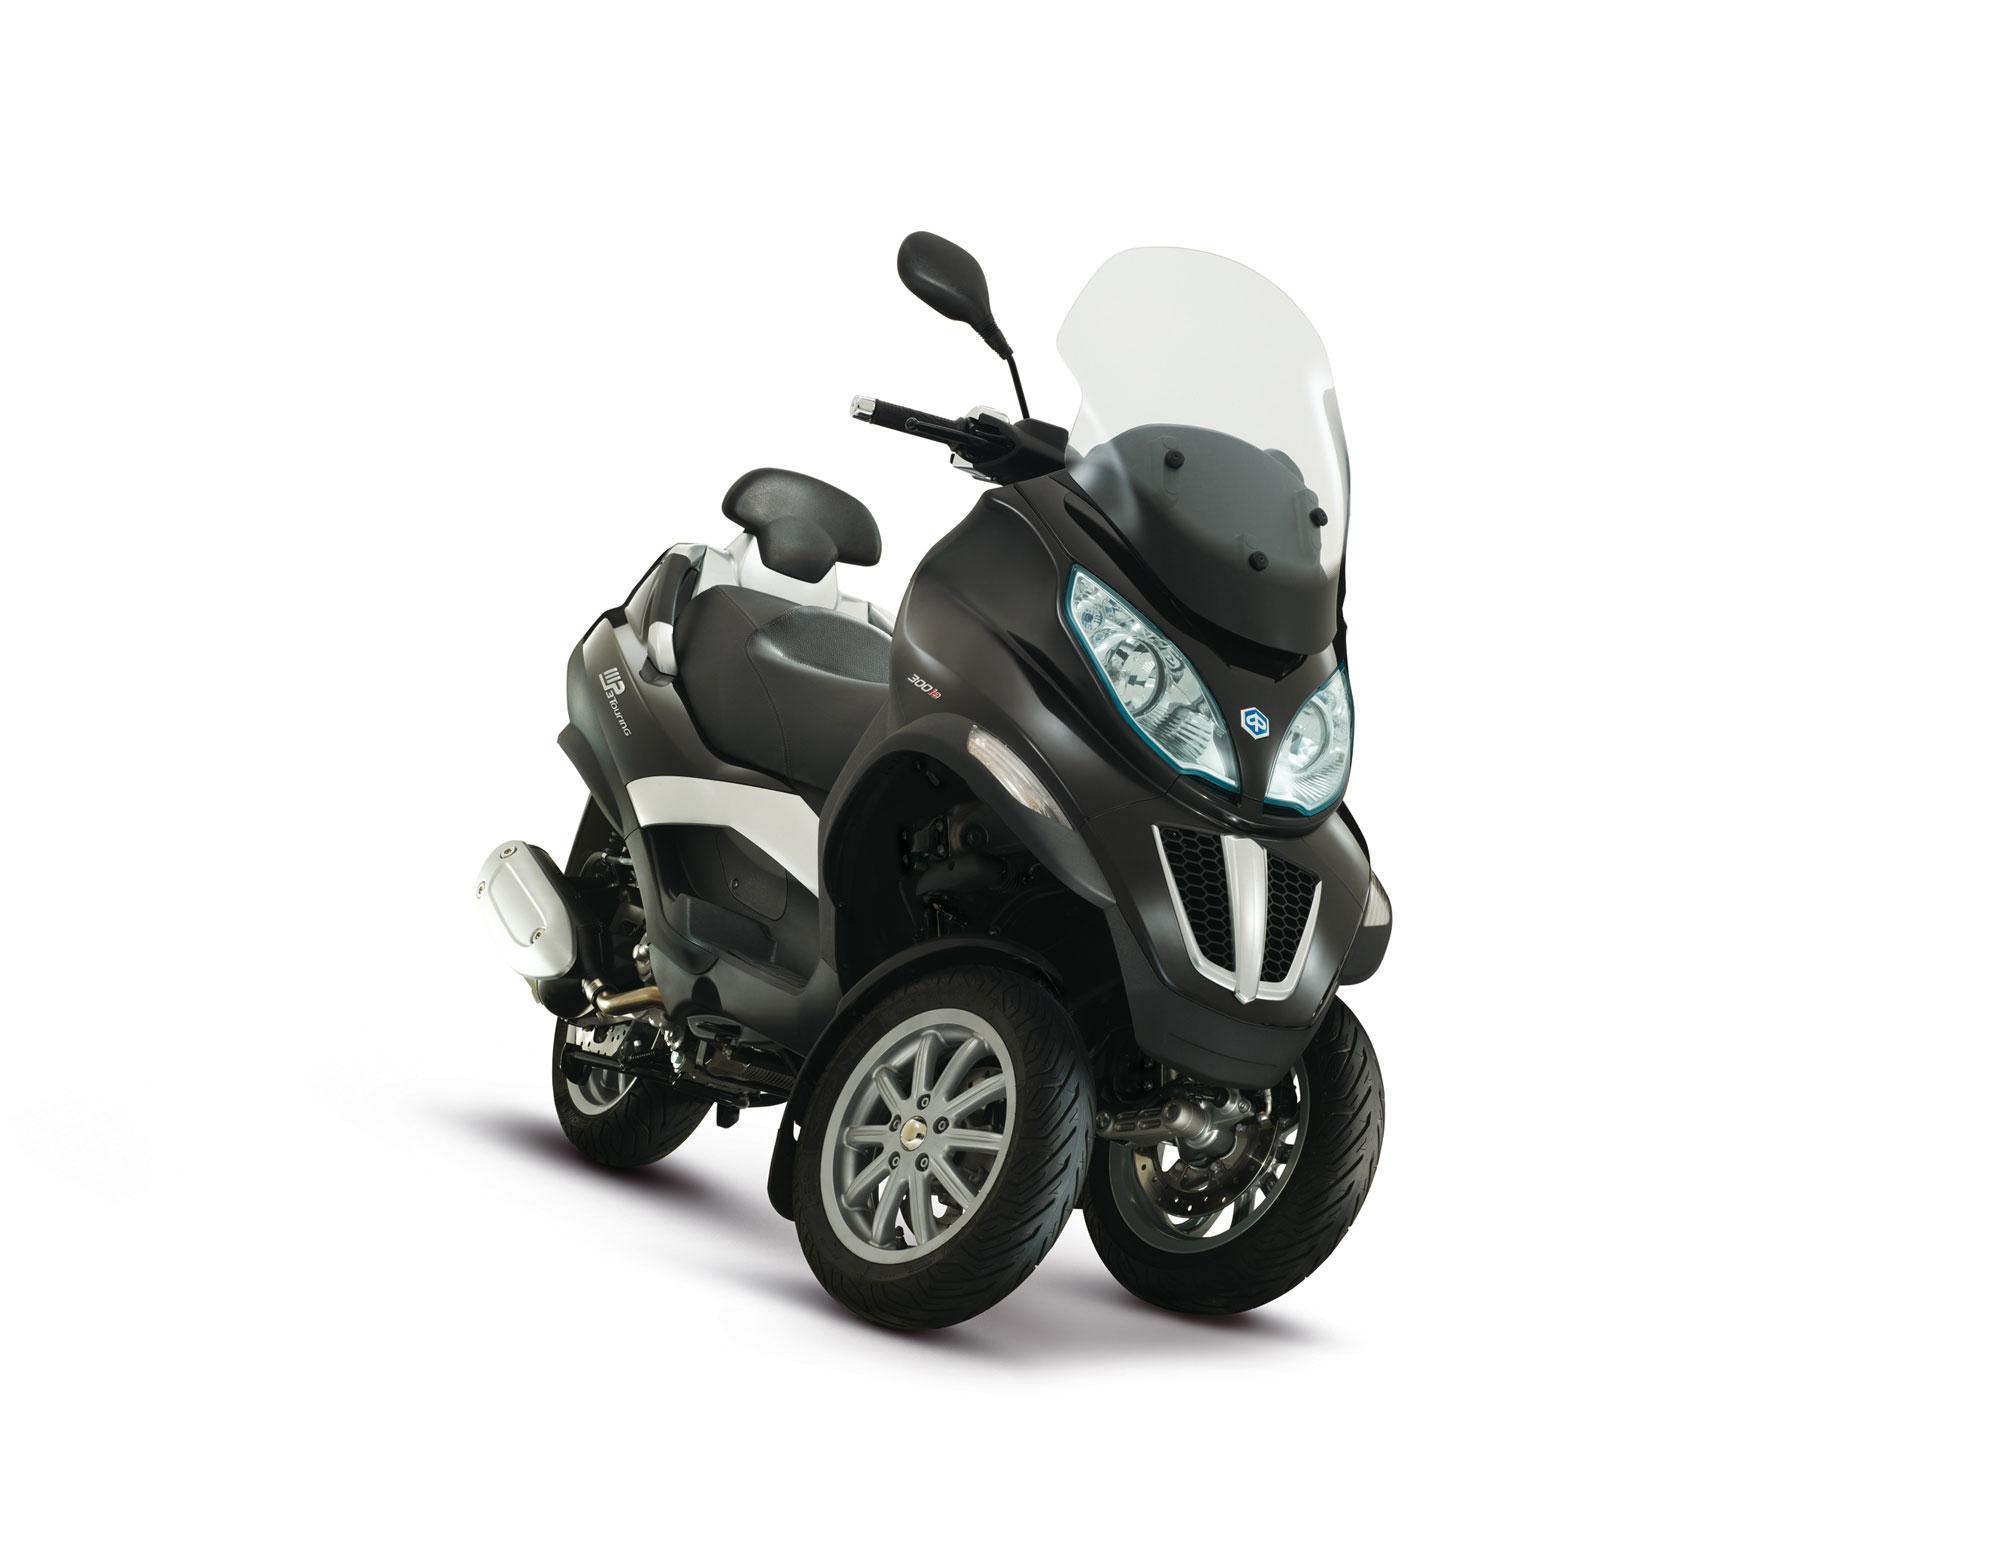 gebrauchte piaggio mp3 300 ie sport motorr der kaufen. Black Bedroom Furniture Sets. Home Design Ideas